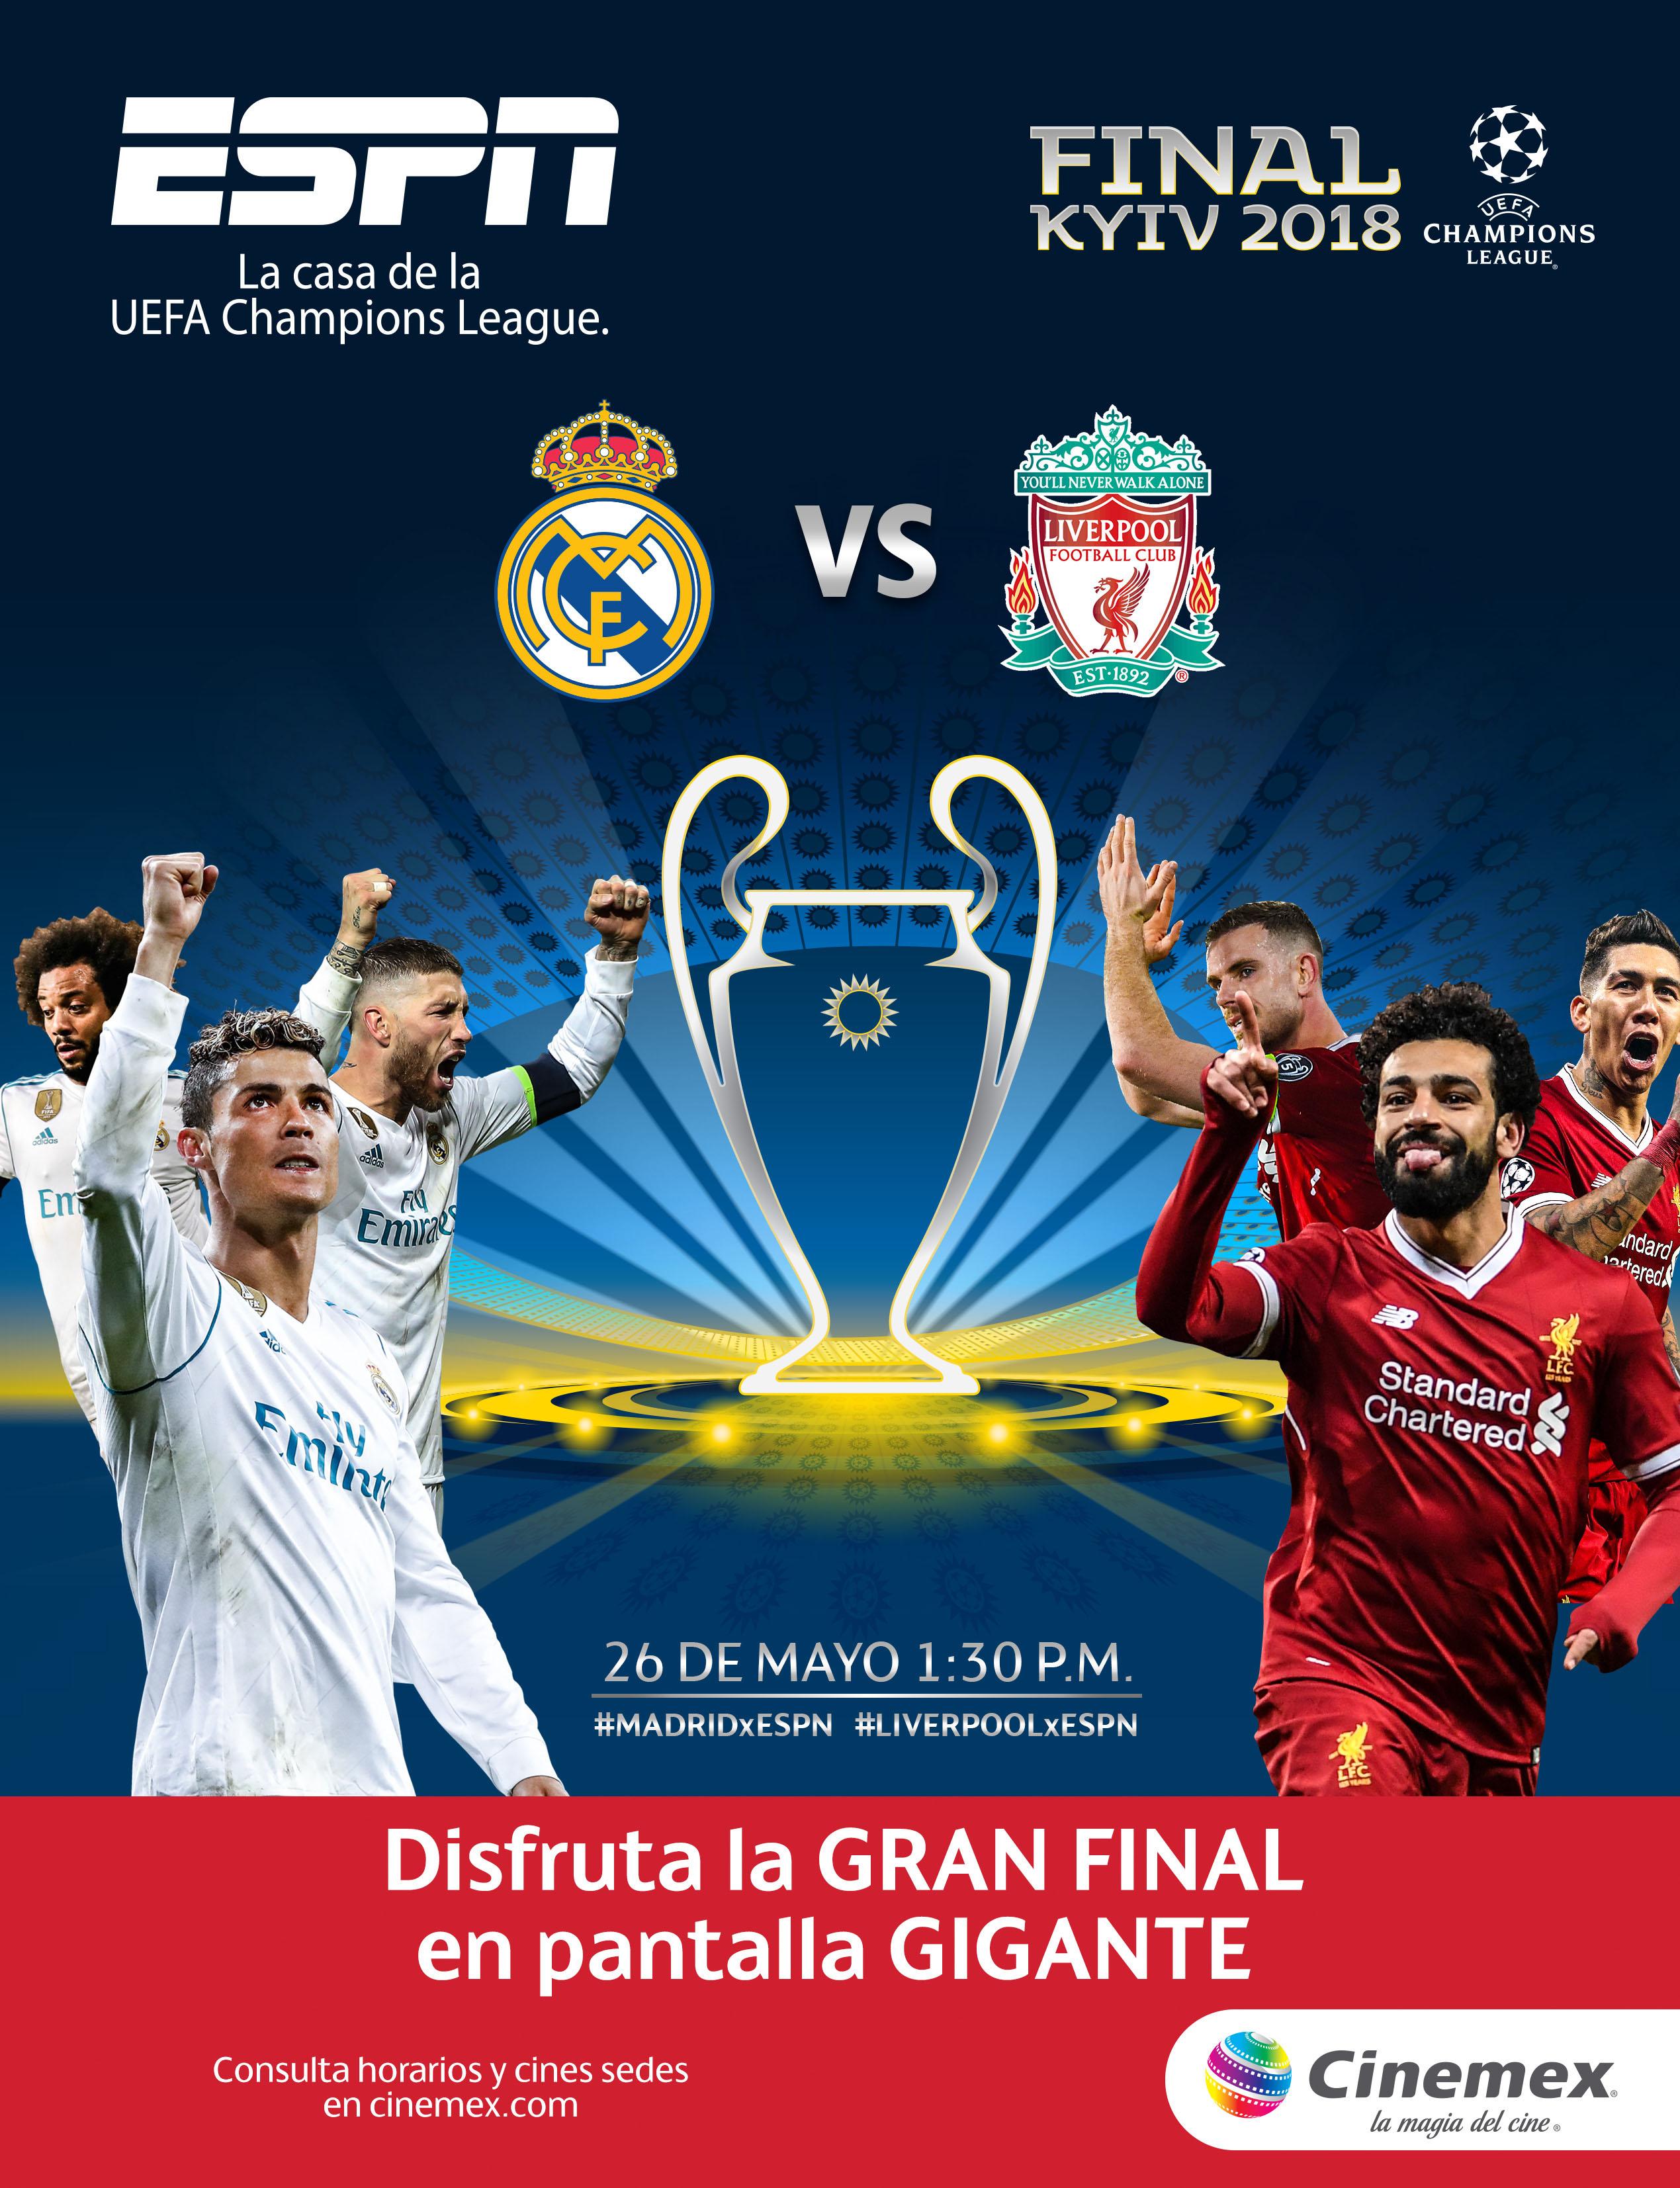 Final Champions League Cinemex